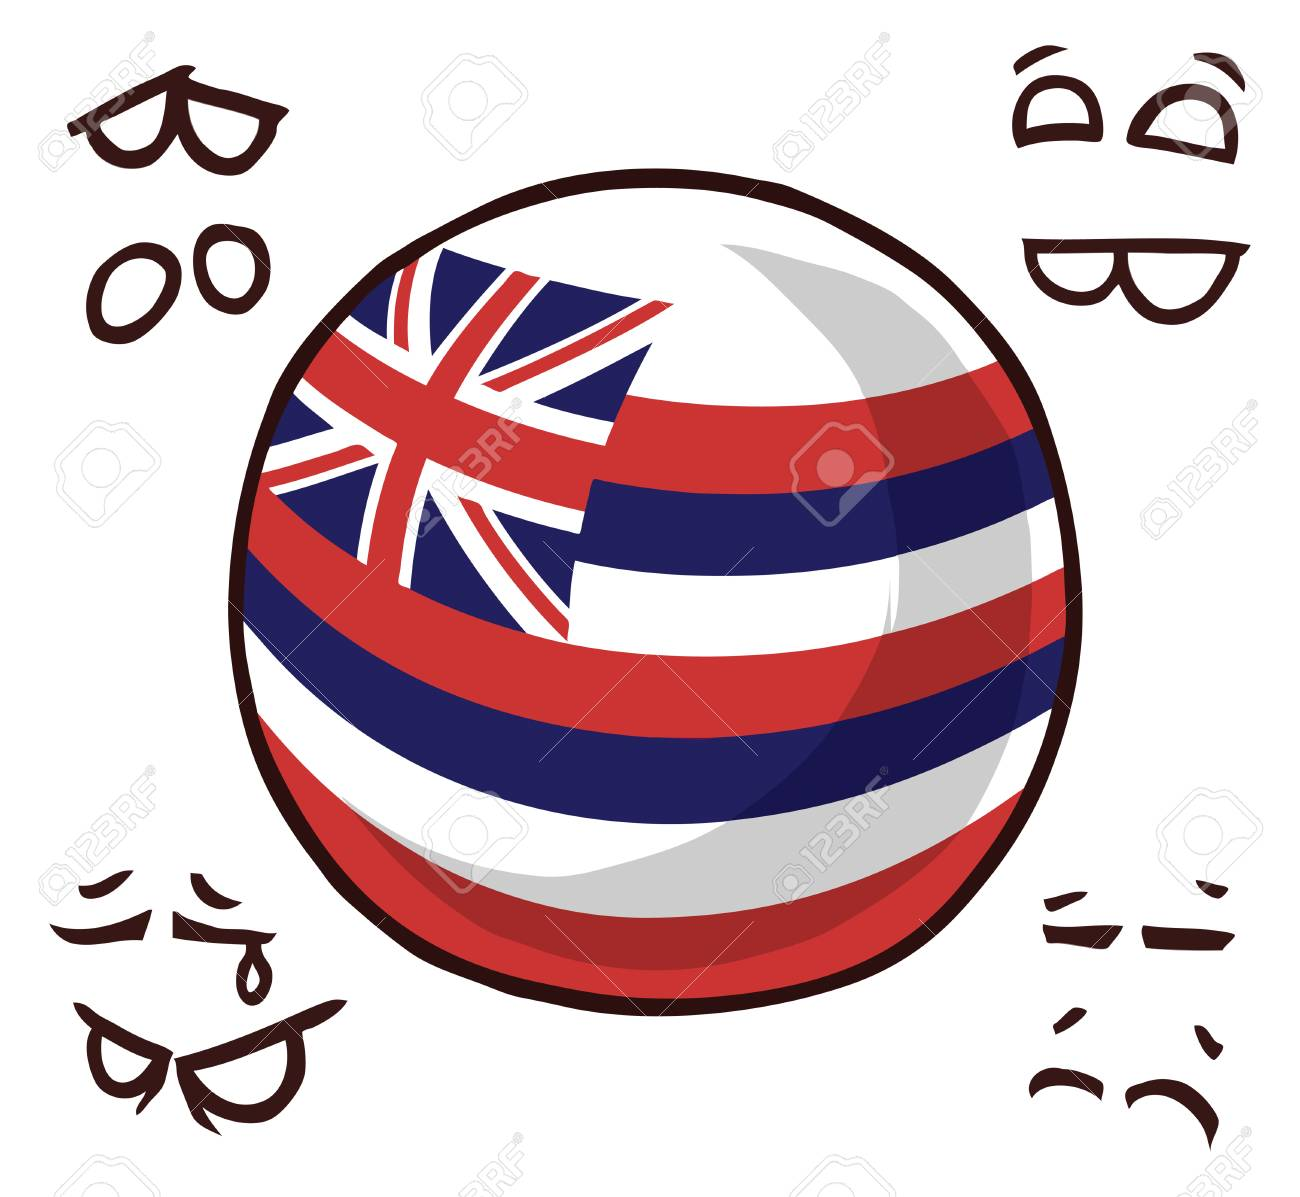 Hawaii island ball - 110447509